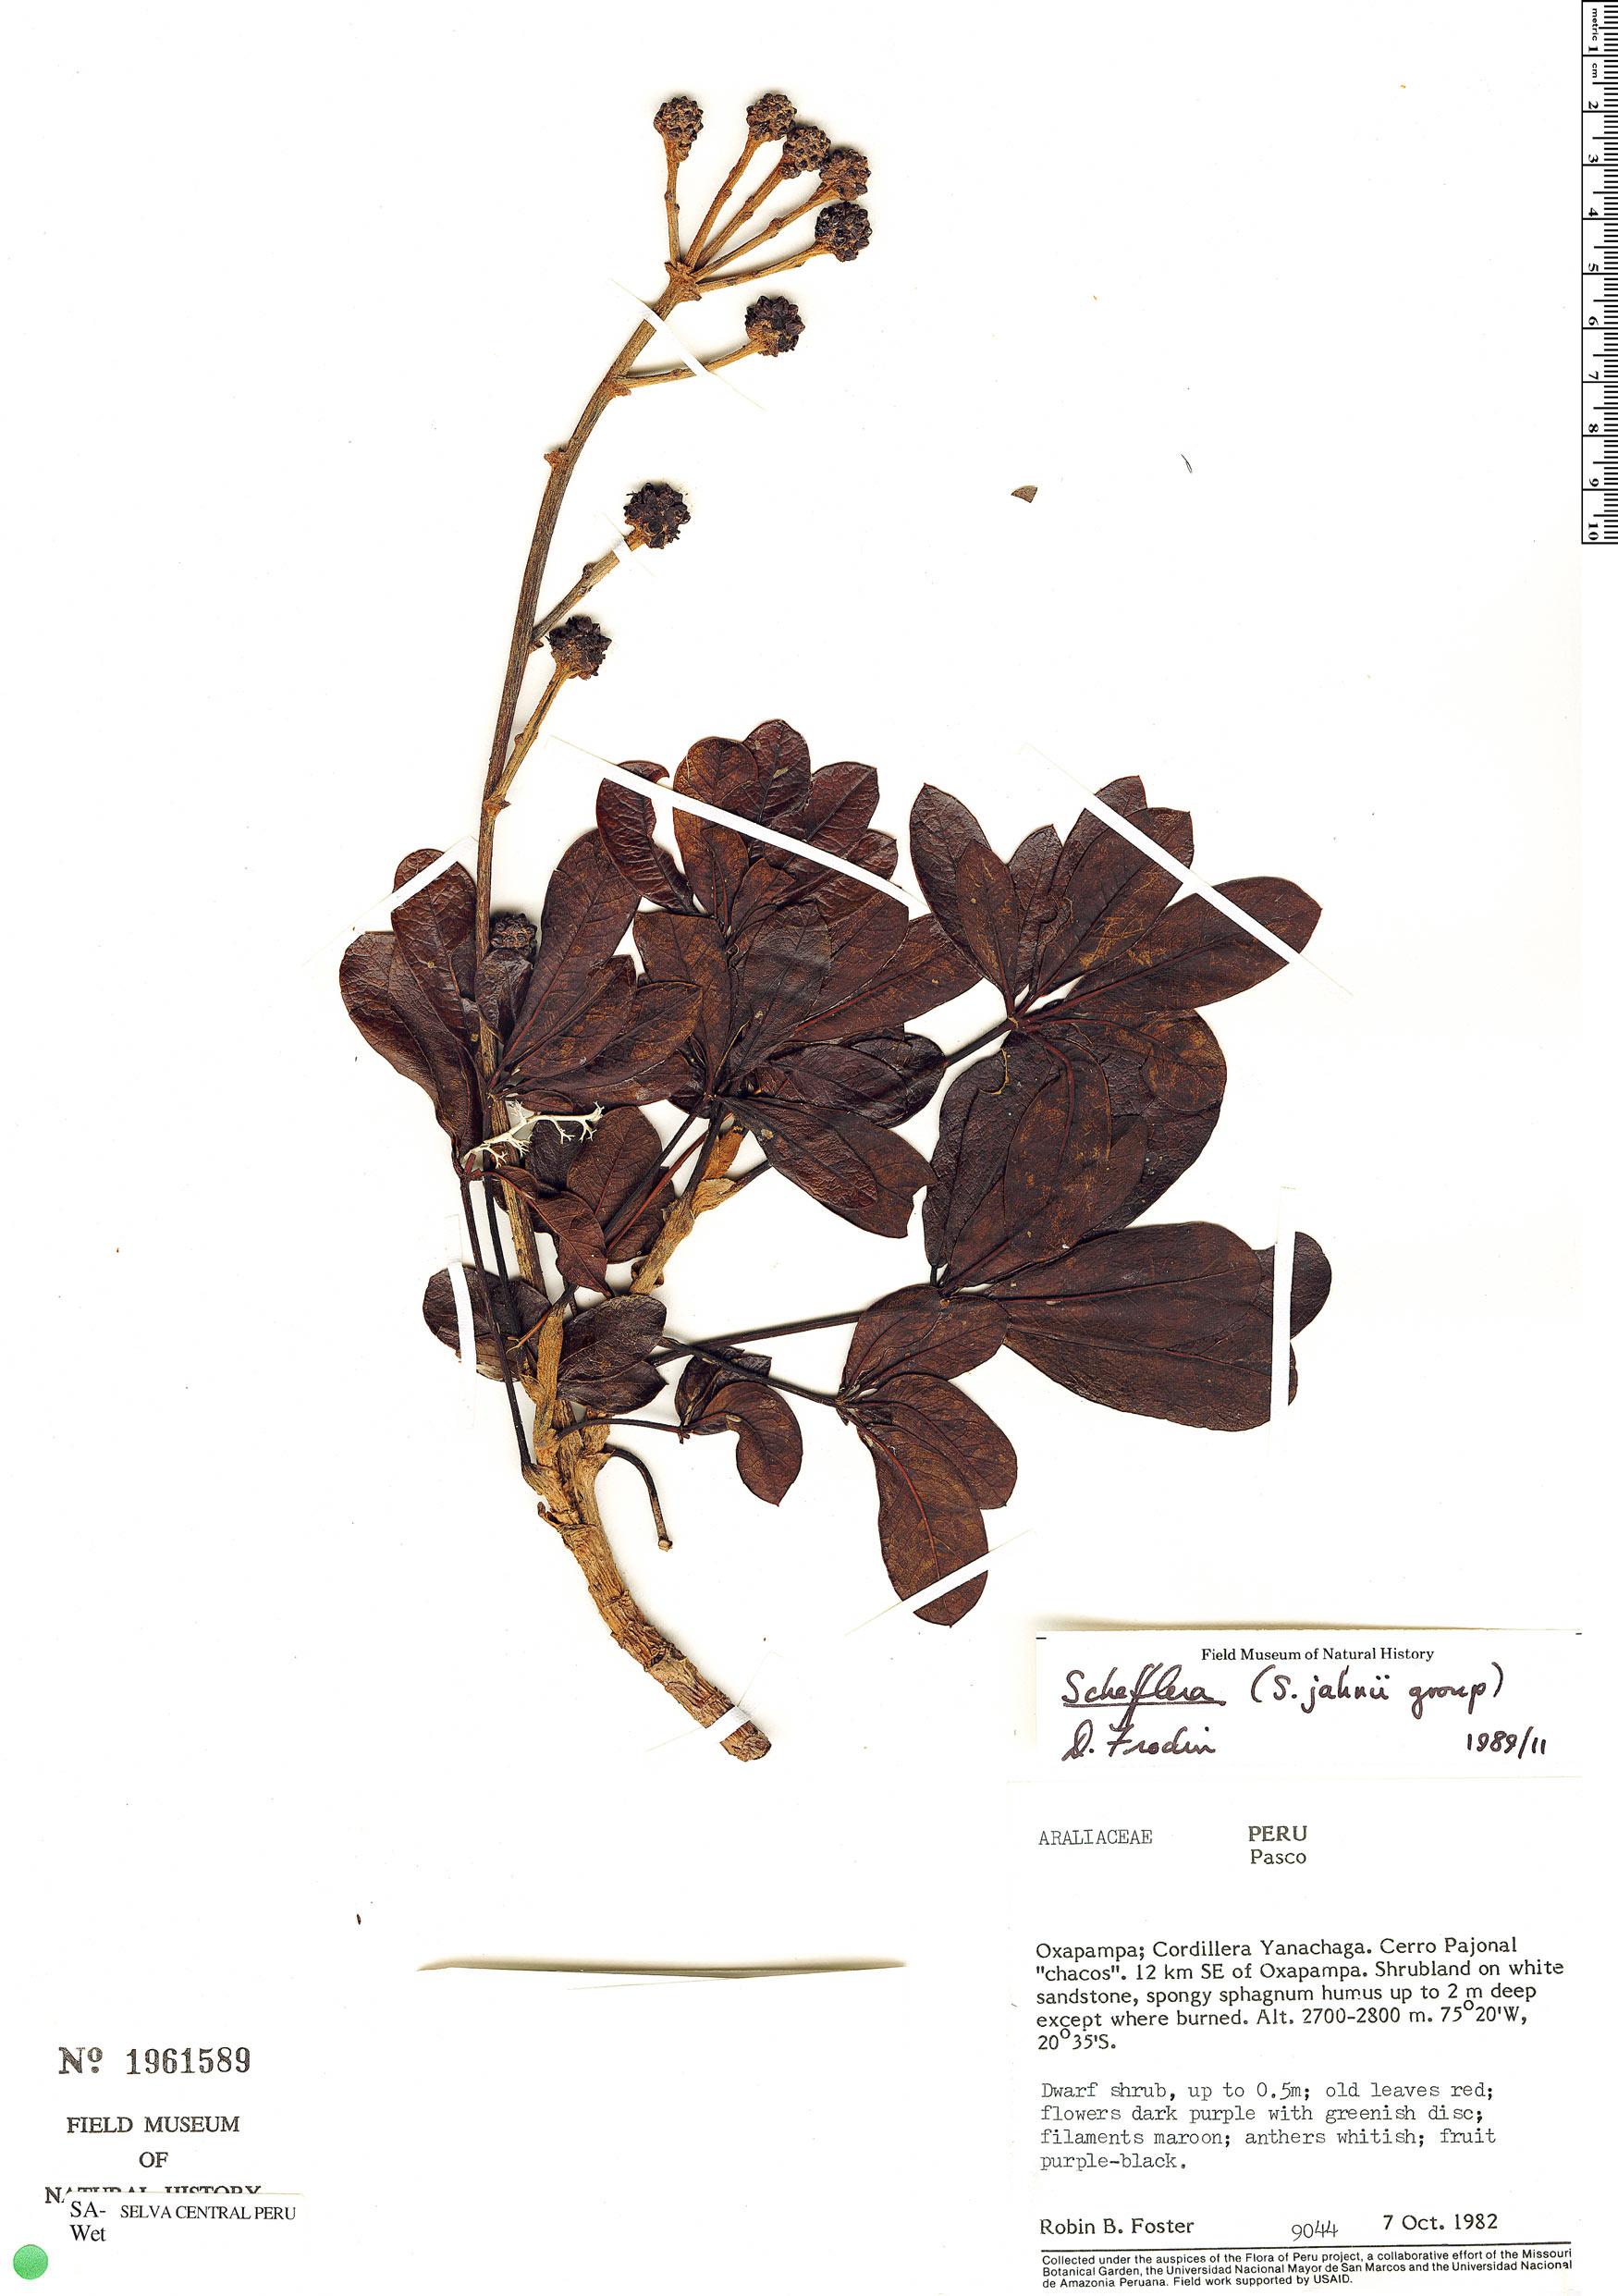 Specimen: Schefflera jahnii